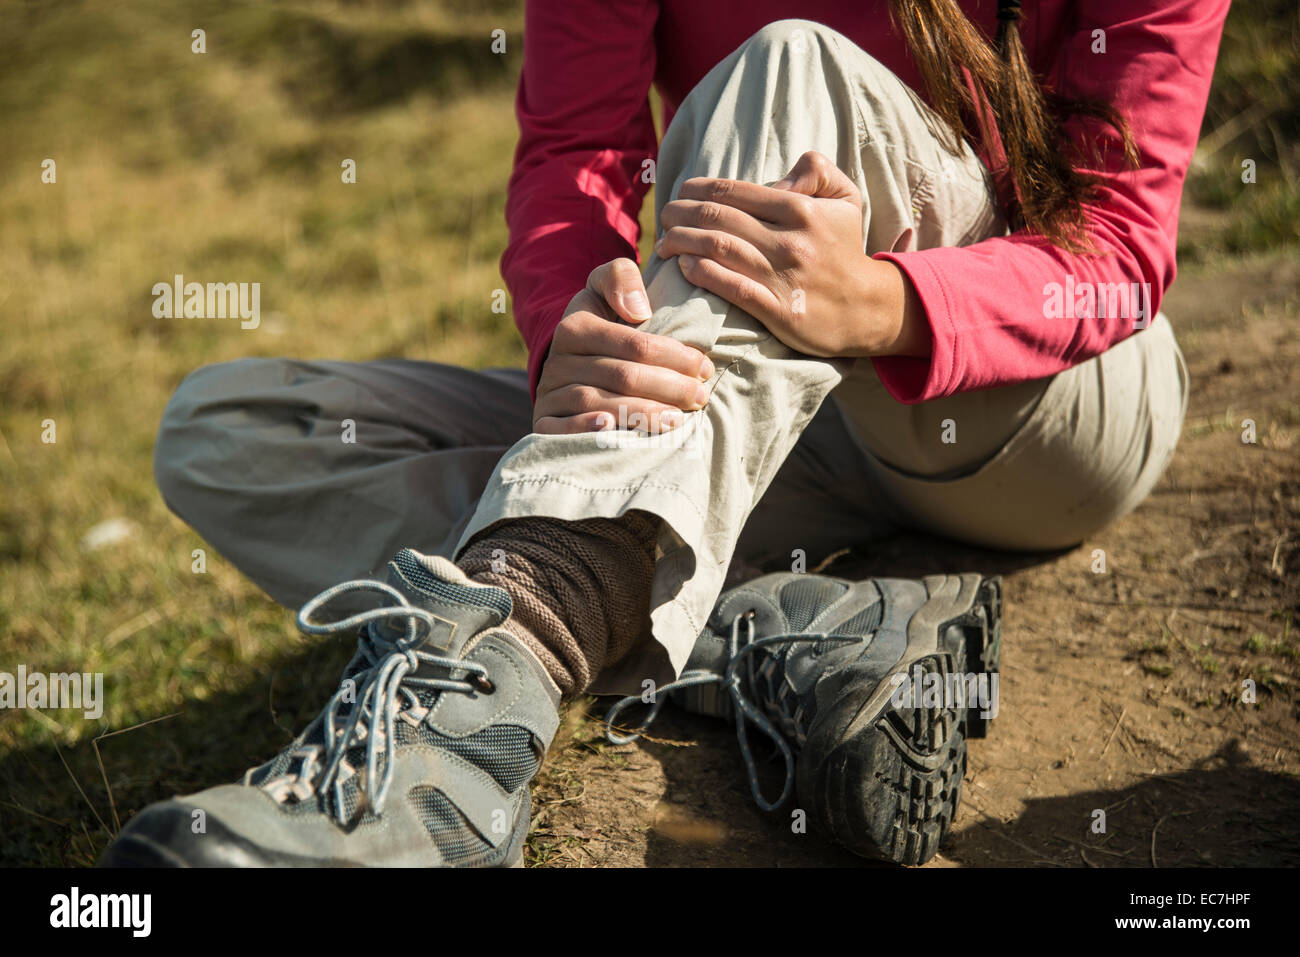 Autriche, Tyrol, Tannheimer Tal, jeune femme blessée sur randonnée Photo Stock